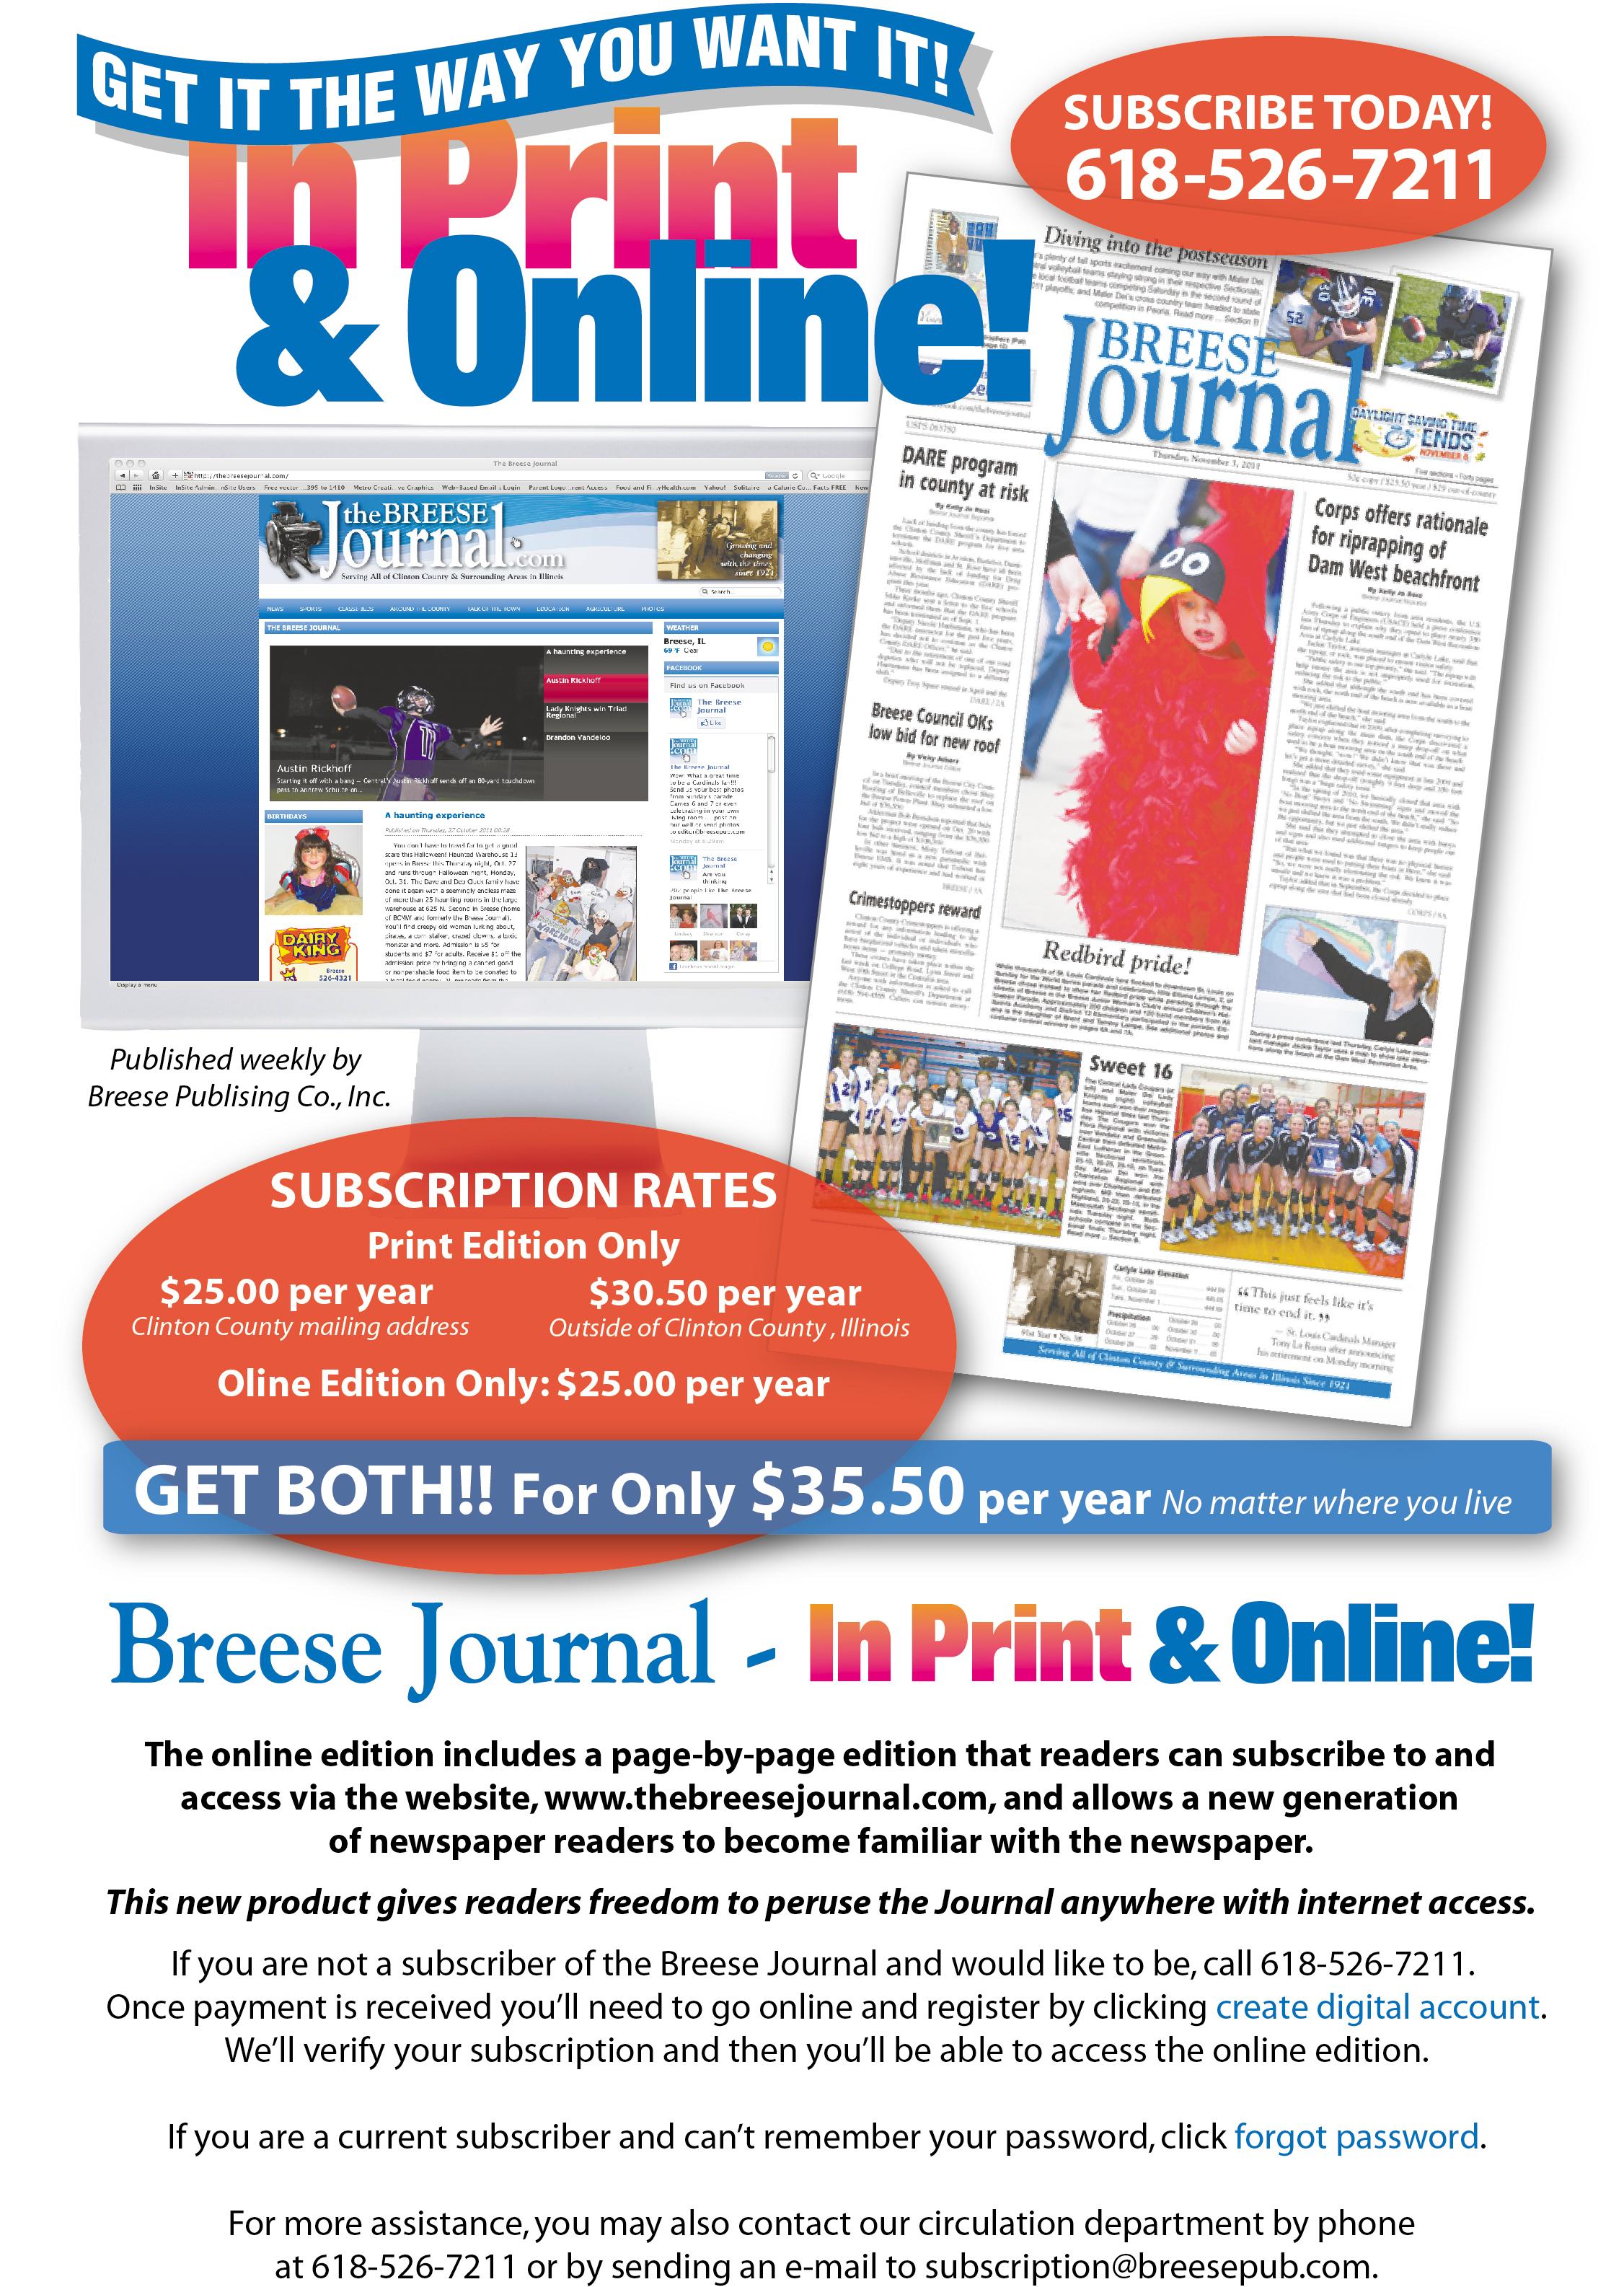 Illinois clinton county aviston - Subscriptions